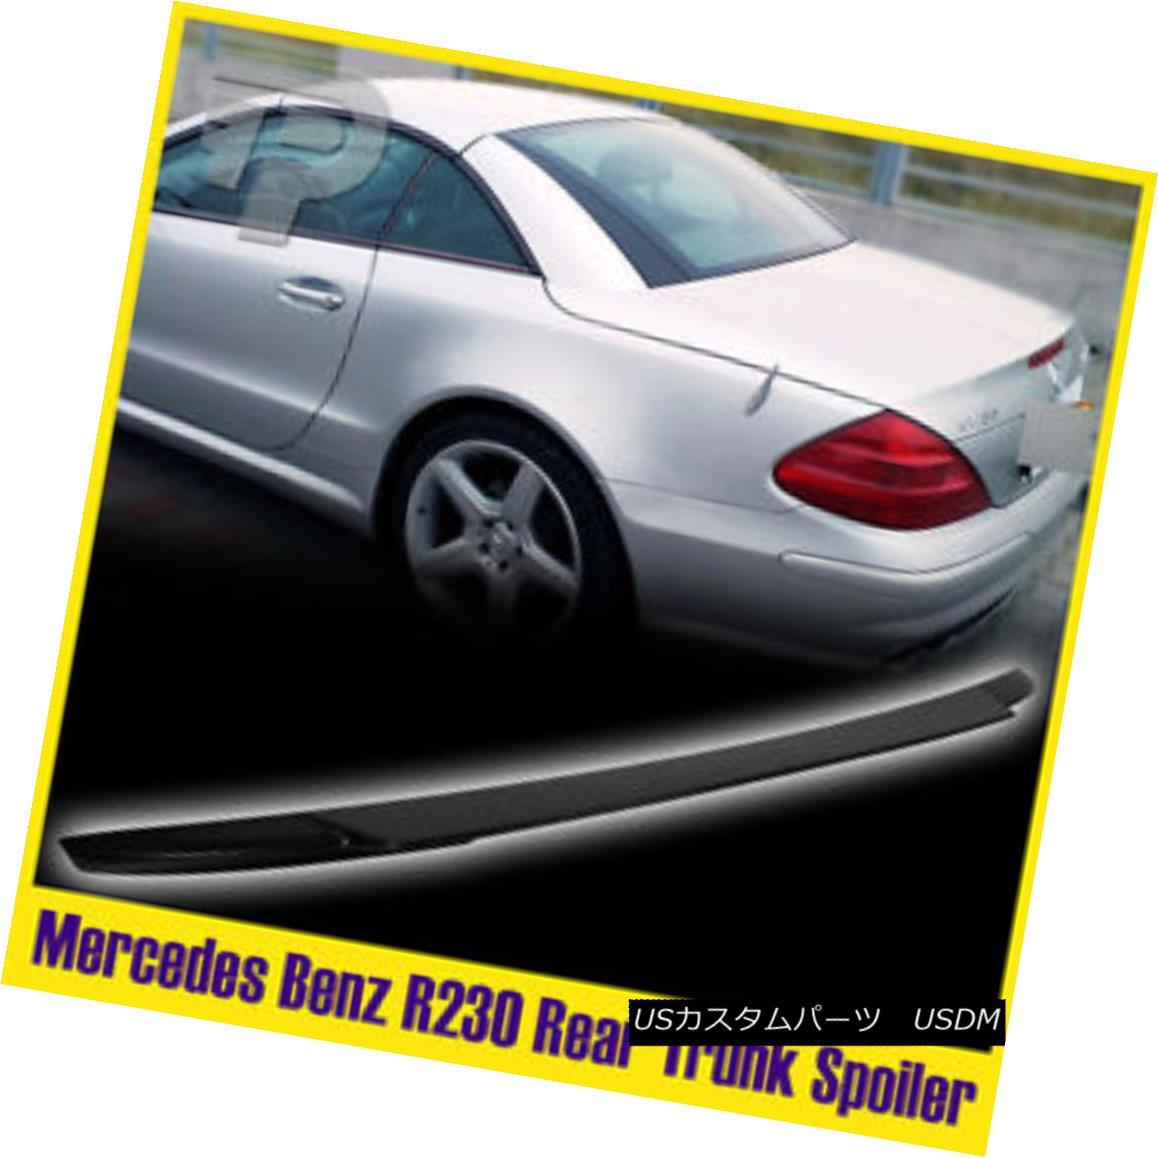 エアロパーツ Benz SL Class R230 2D Cabrolet V Style Rear Trunk Wing Spoiler 2011 Unpainted ベンツSLクラスR230 2DキャブレターVスタイルリアトランクウィングスポイラー2011未塗装